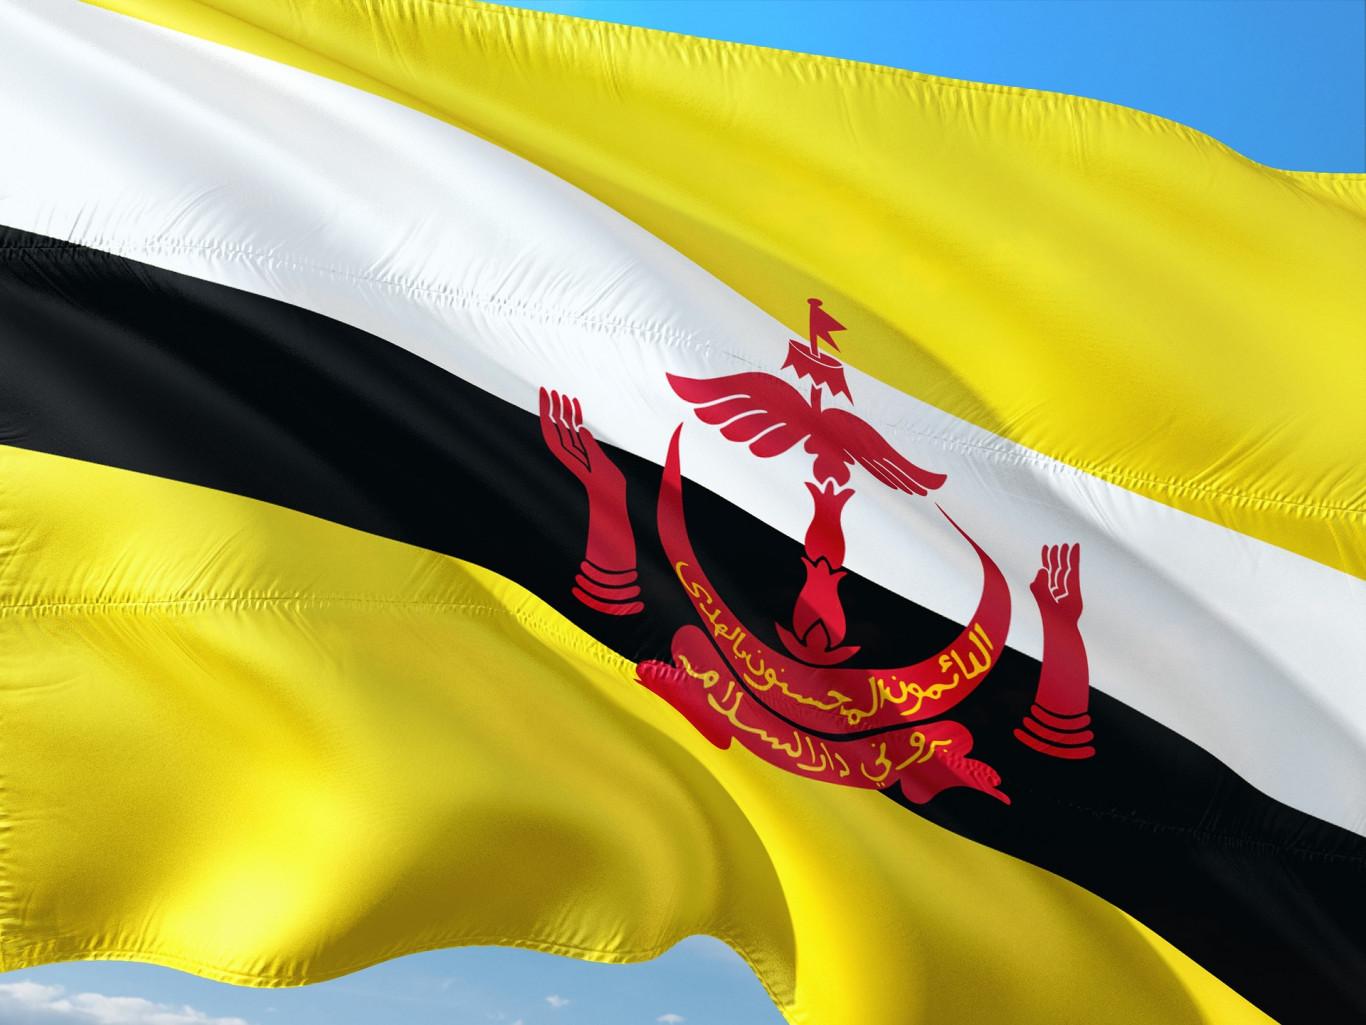 Hồ sơ đăng ký nhãn hiệu tại Brunei, hồ sơ bảo hộ thương hiệu tại Brunei, hồ sơ đăng ký thương hiệu tại Brunei, bảo hộ thương hiệu tại Brunei, nhãn hiệu tại Brunei